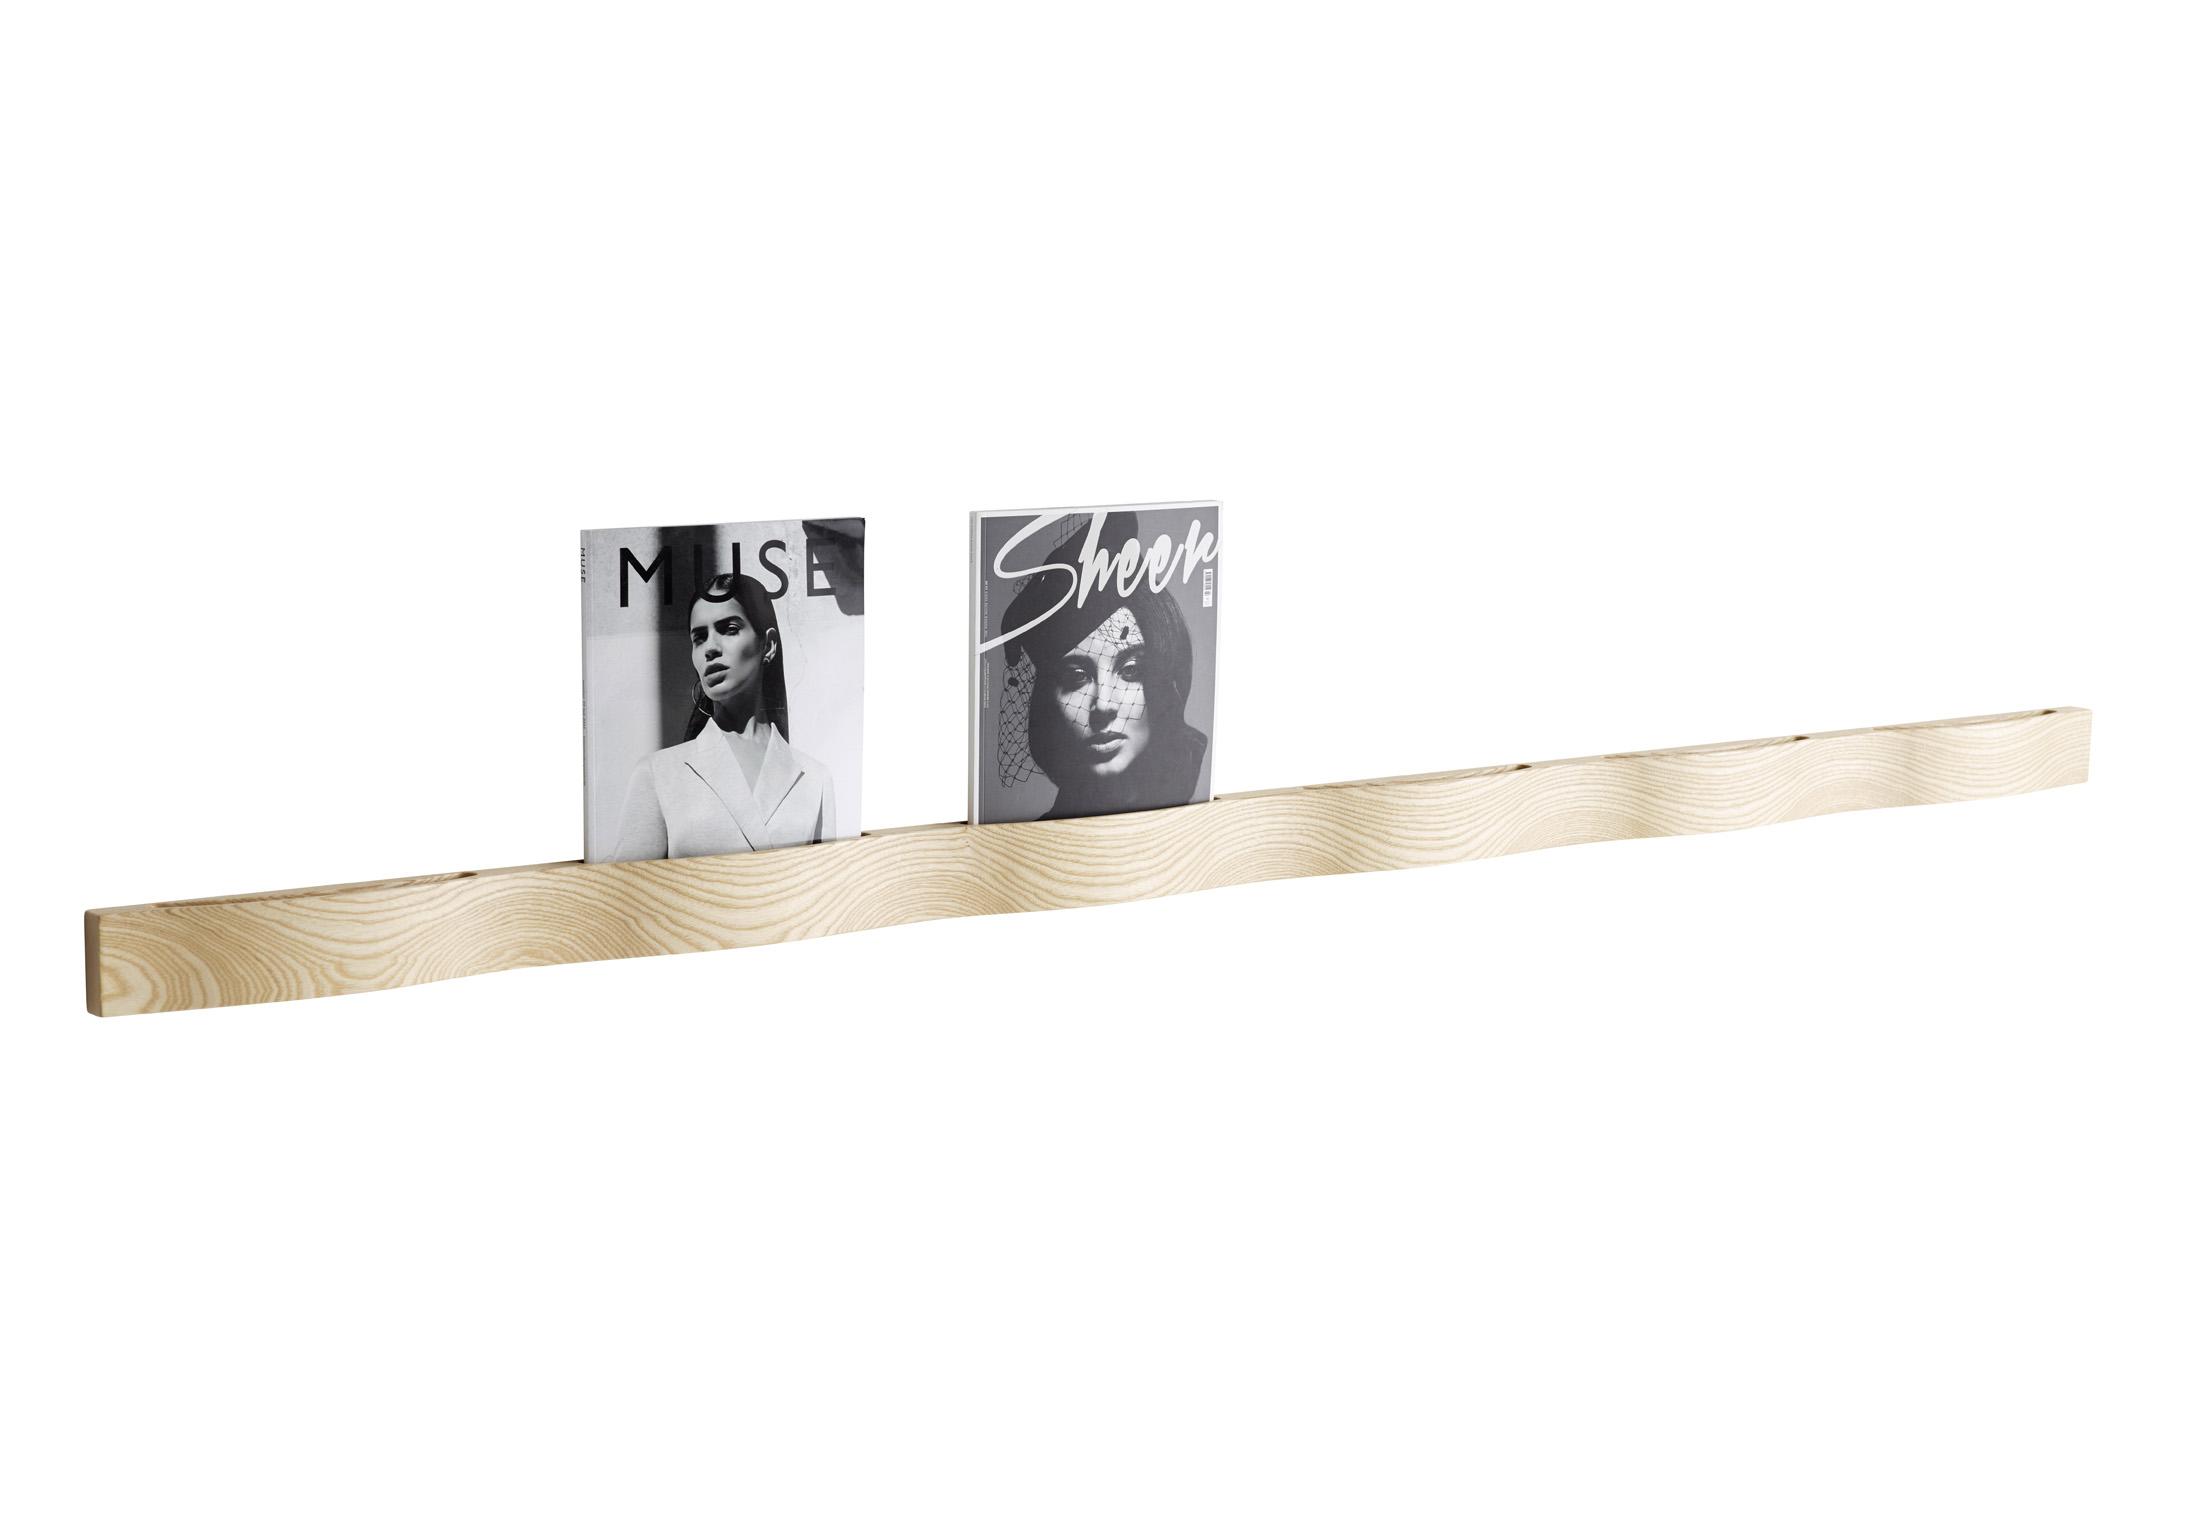 svall zeitschriftenregal von karl andersson stylepark. Black Bedroom Furniture Sets. Home Design Ideas